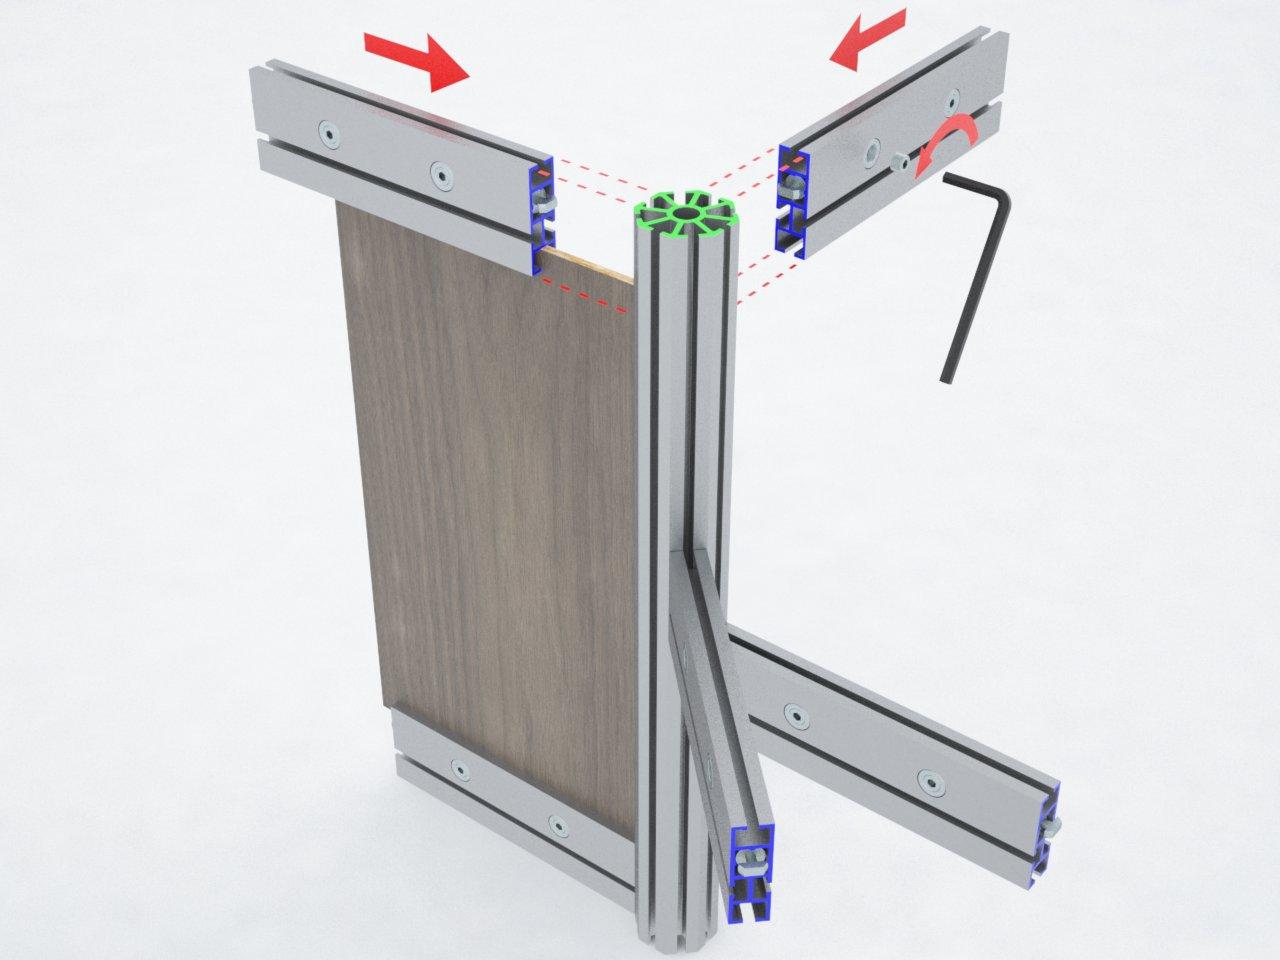 Esquema de montagem de travessas ao montante de alumínio C180L. Ideal para formar estruturas de stands, divisórias, boxes de corrida, etc.